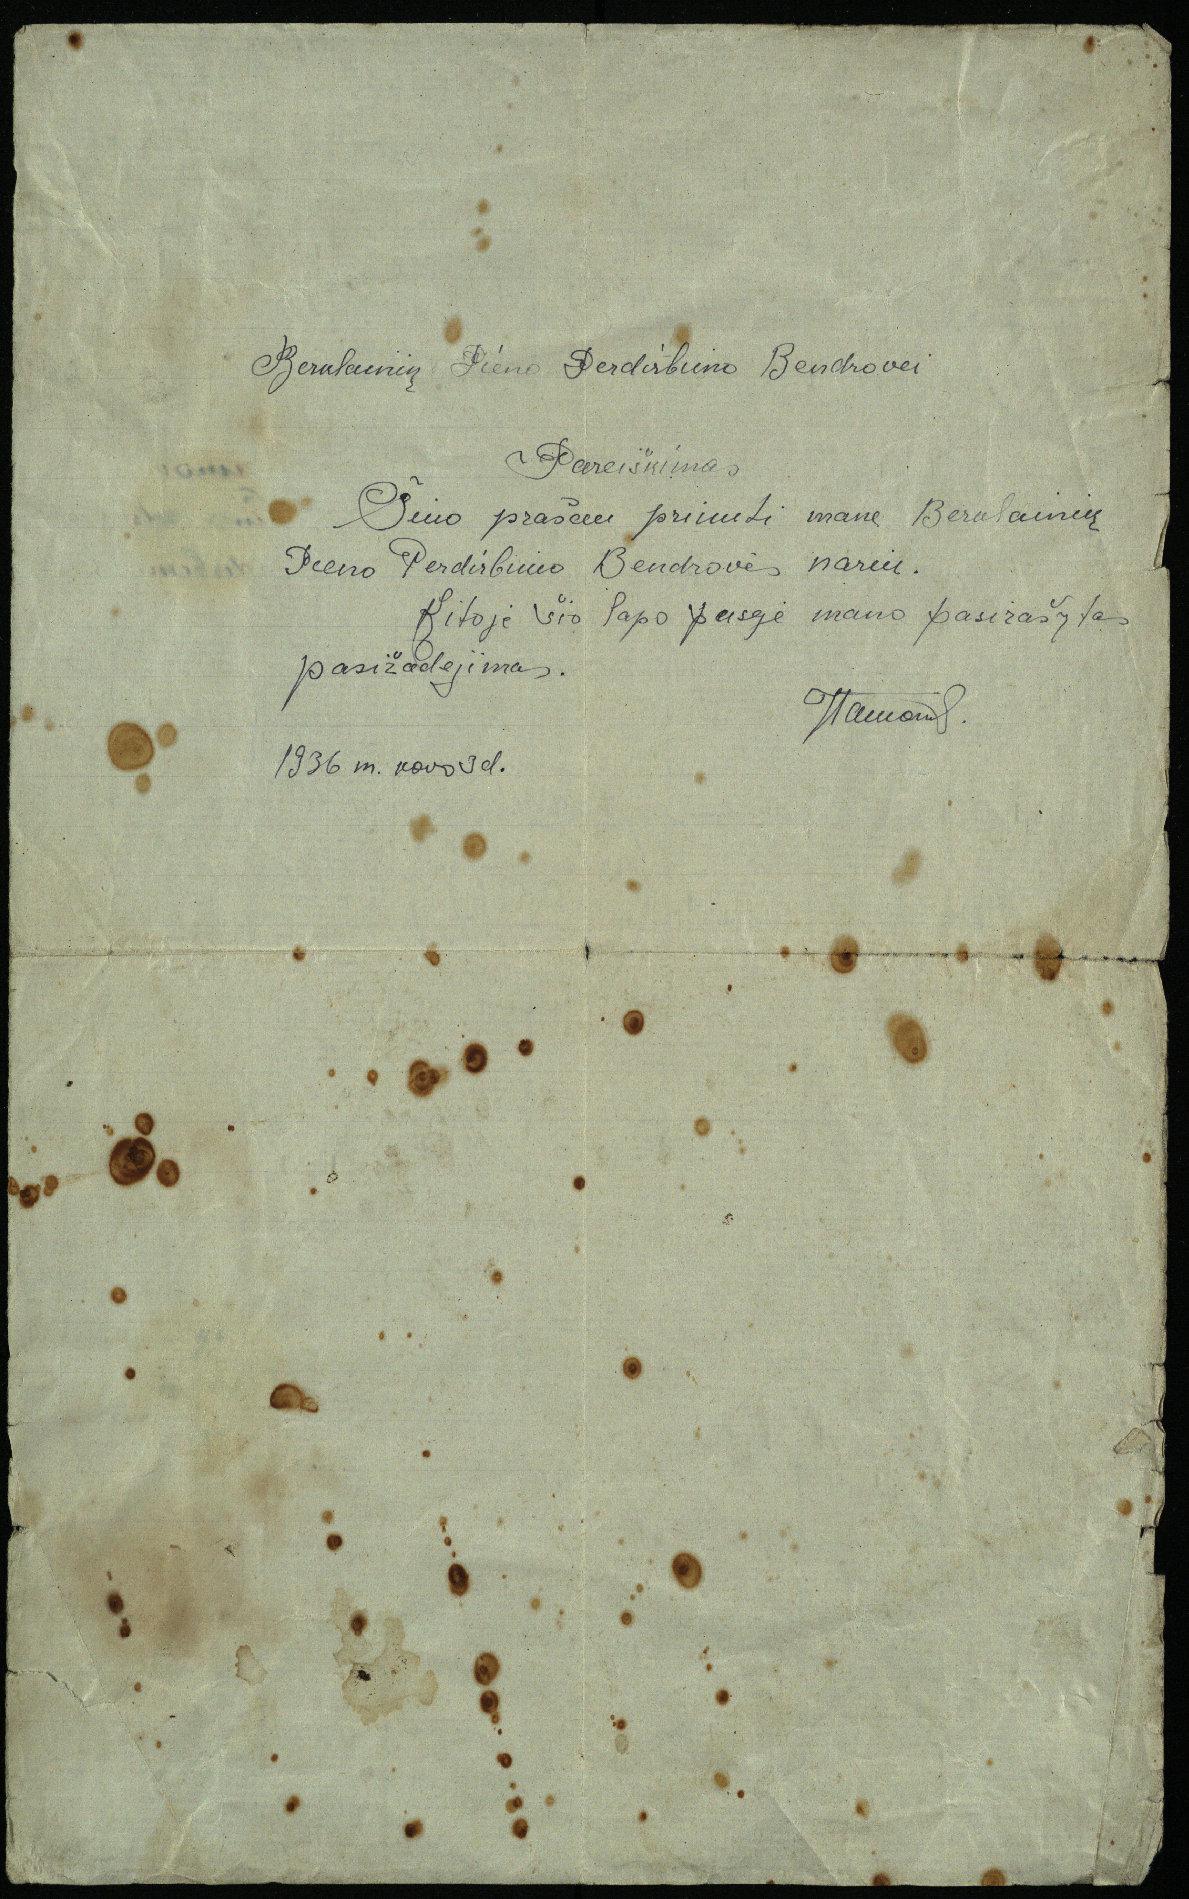 Biržų apskrities Krinčino valsčiaus Berčiūnų kaimo gyventojo Jono Tamonio pareiškimas Berklainių pieno perdirbimo bendrovei, 1936 m.